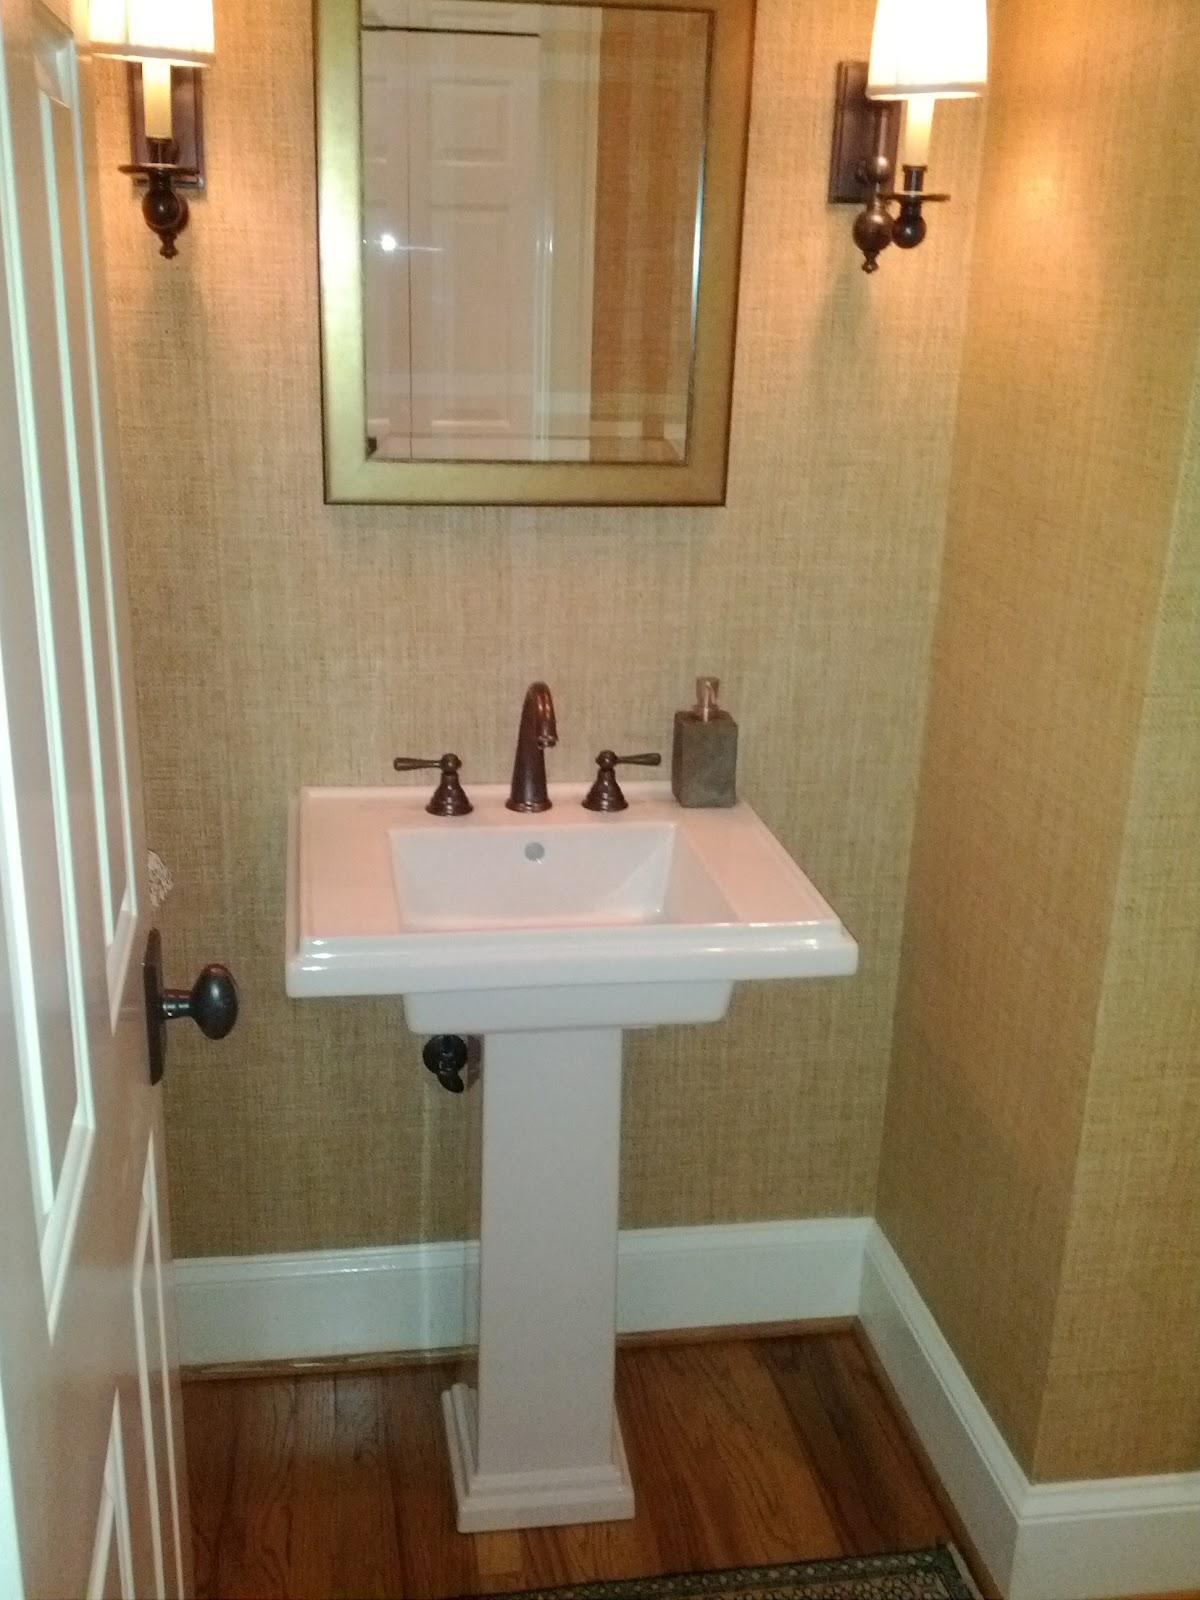 Mark sunderland on design renovation 101 for Ralph lauren bathroom ideas